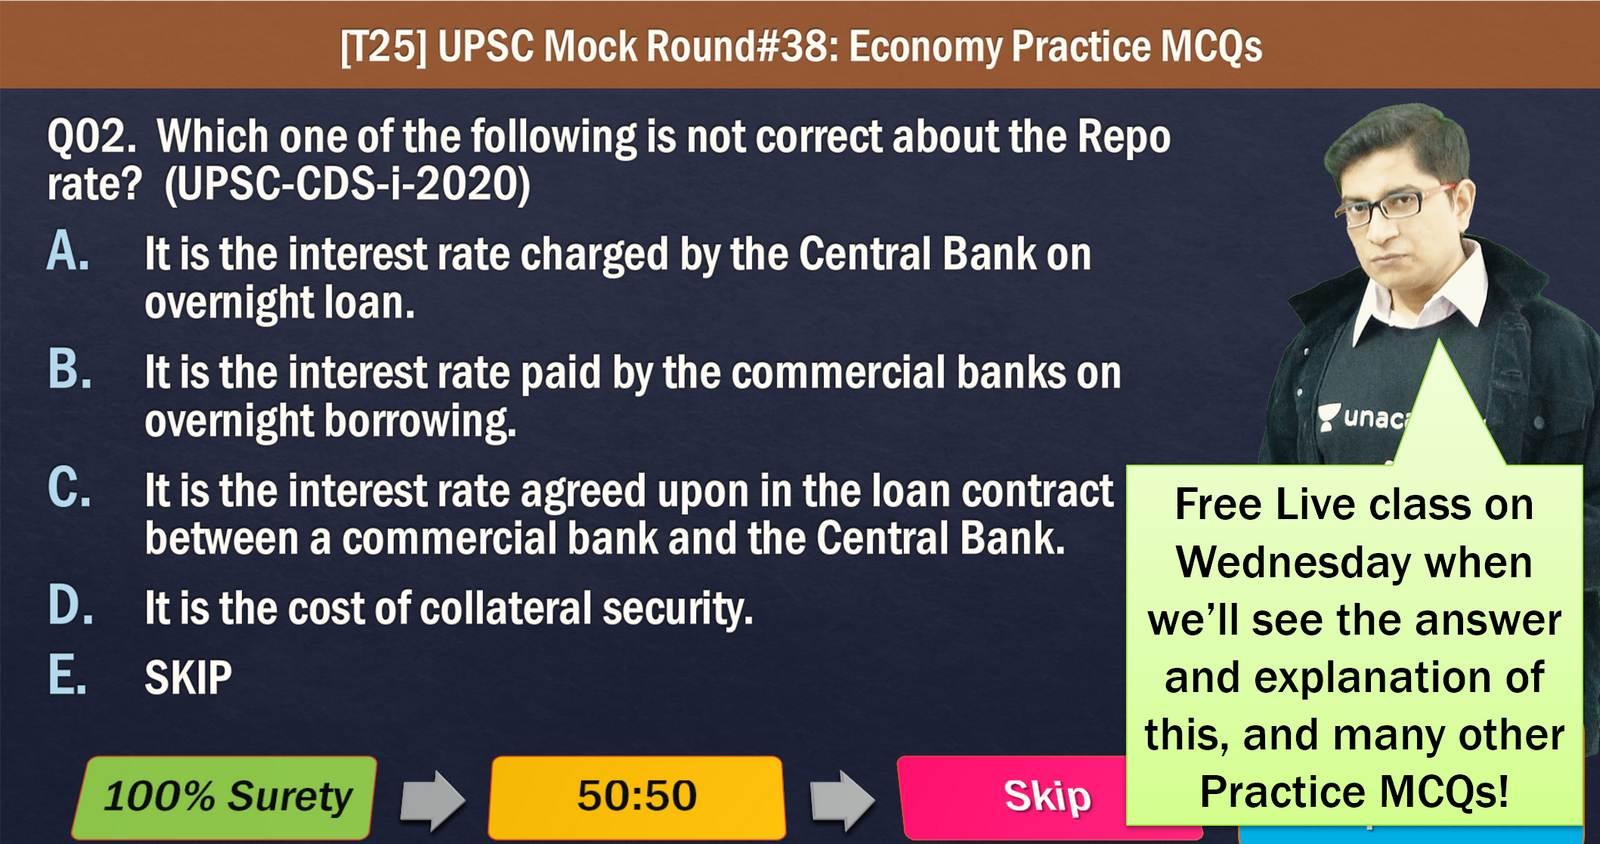 UPSC Prelims Mock Testseries for Economy Practice MCQs